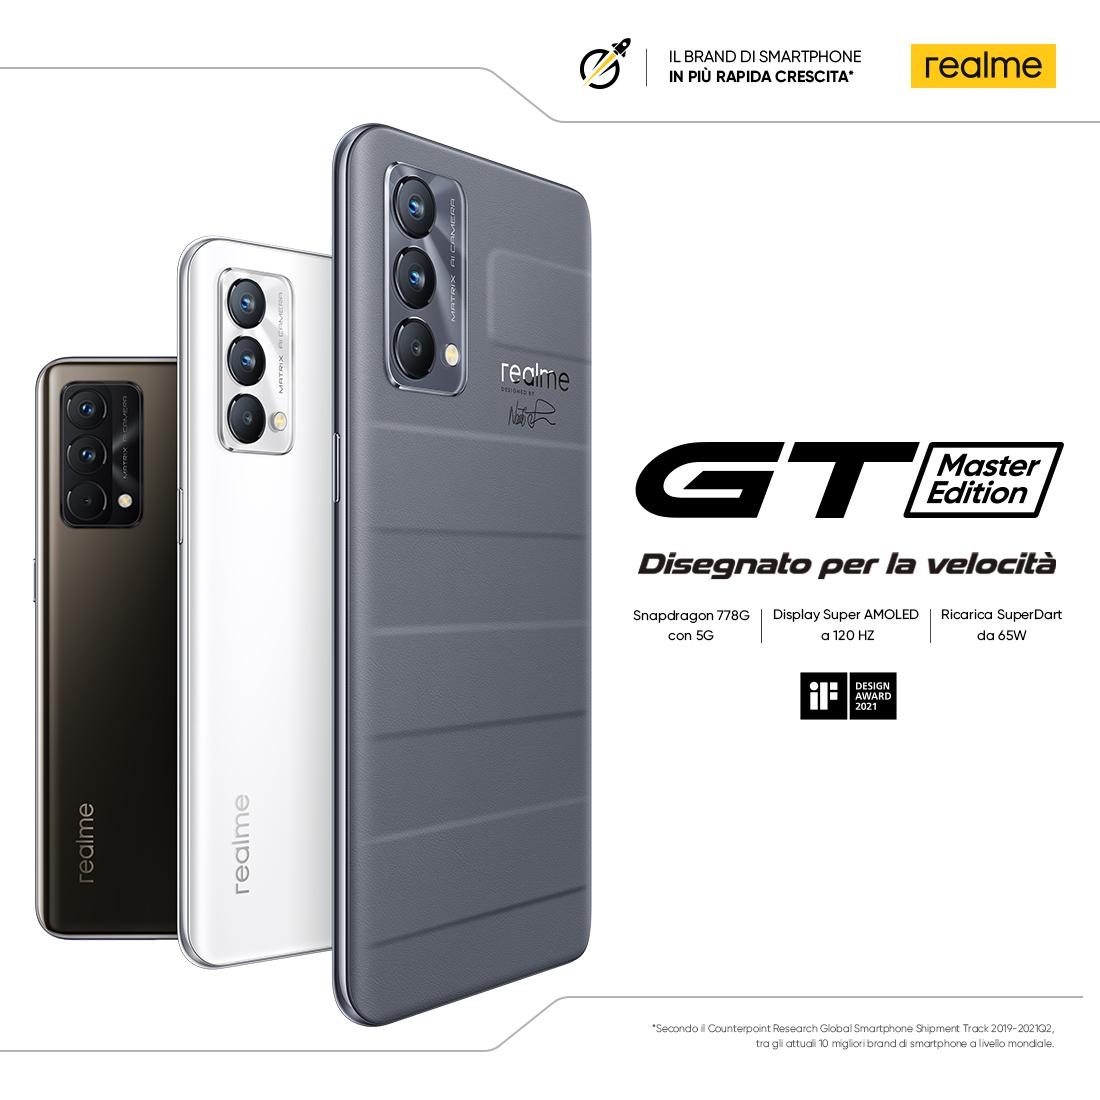 Promozione Grandi Elettrodomestici: Realme GT Master Lancio